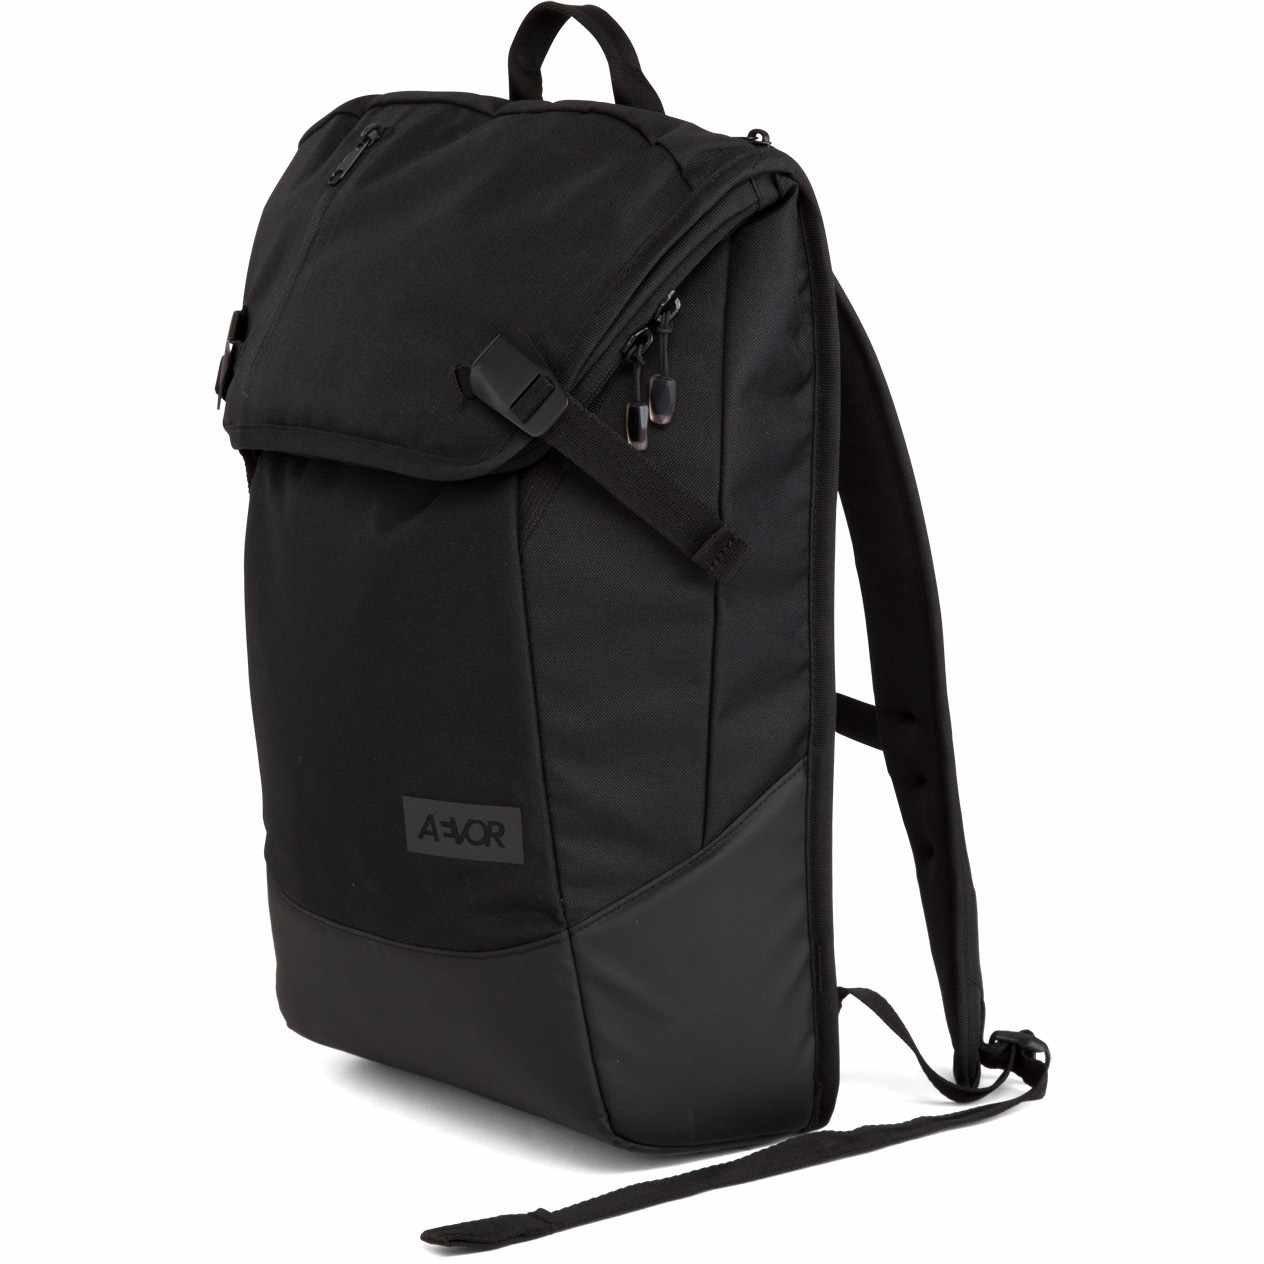 AEVOR-Daypack-Rucksack_08